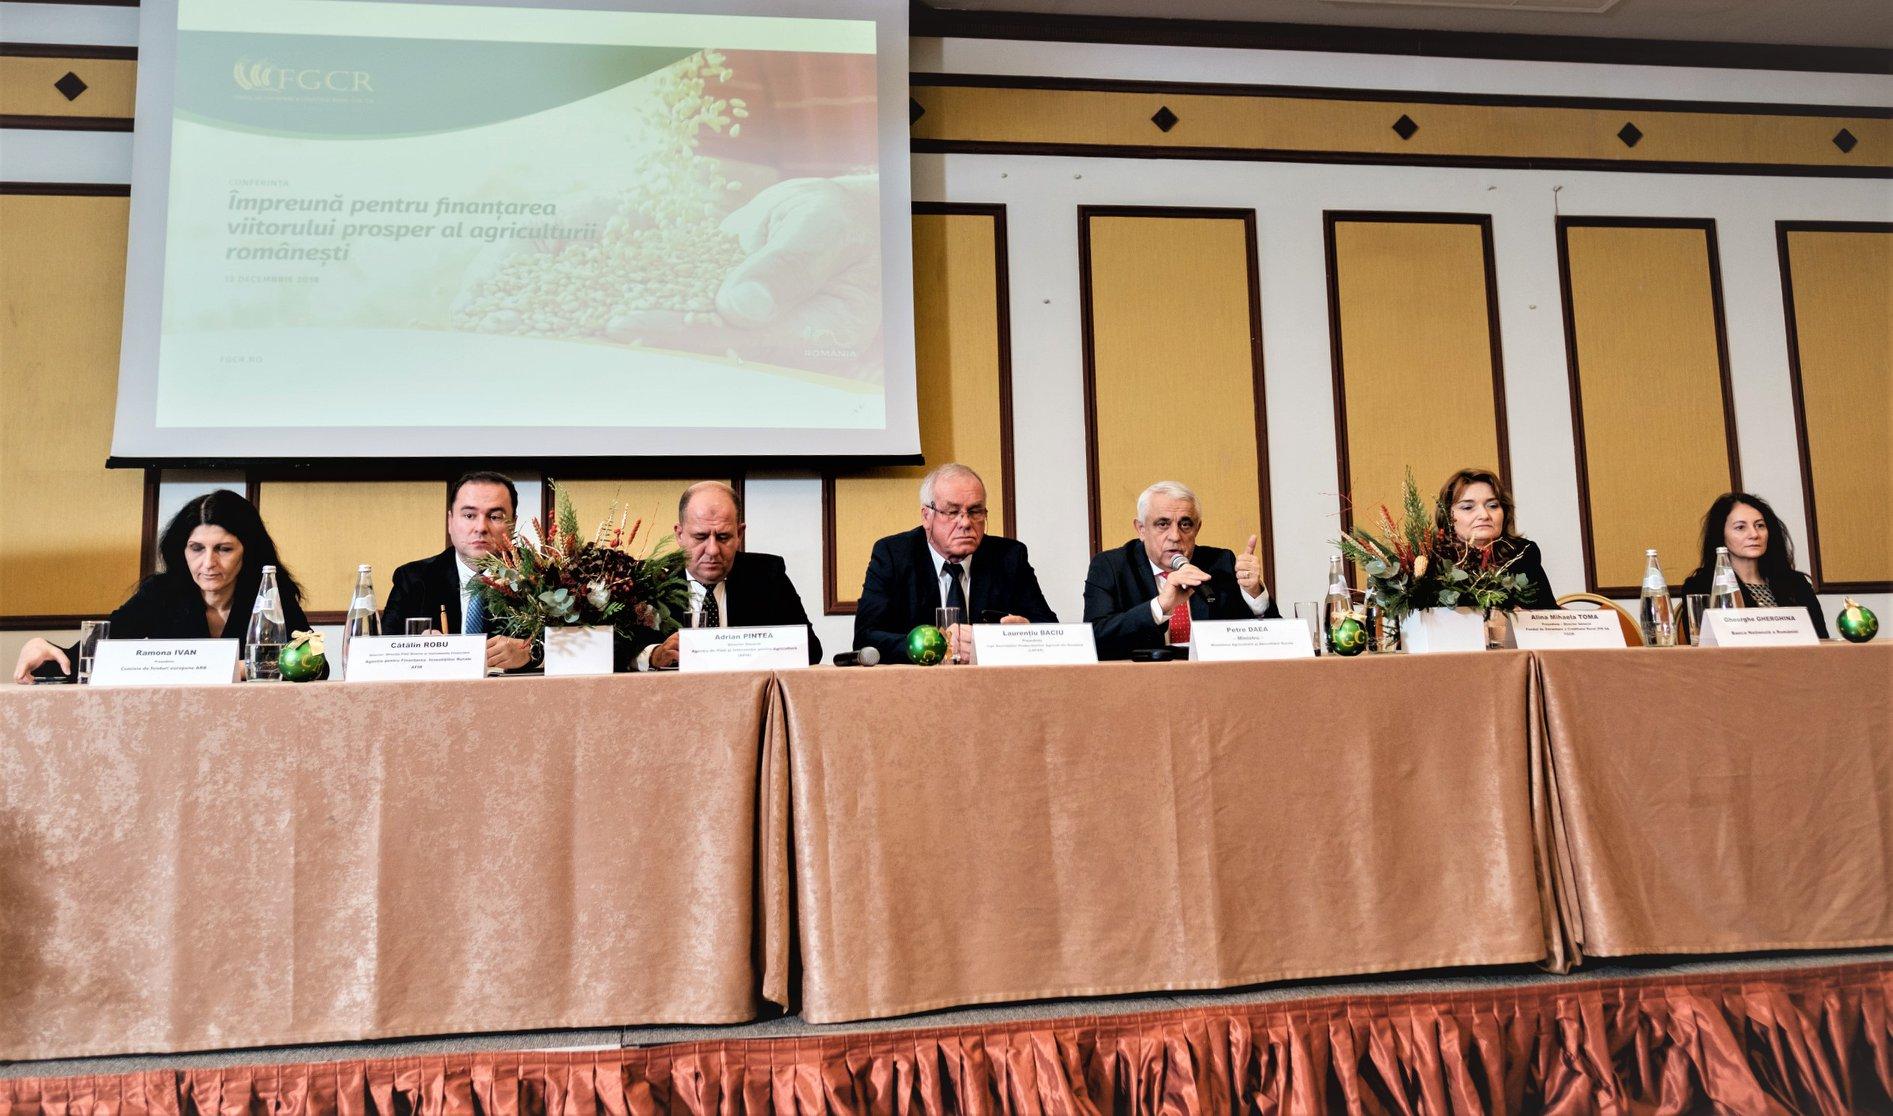 Baciu, LAPAR: Noi ajungem la institutiile bancare atunci cand nu avem alta solutie